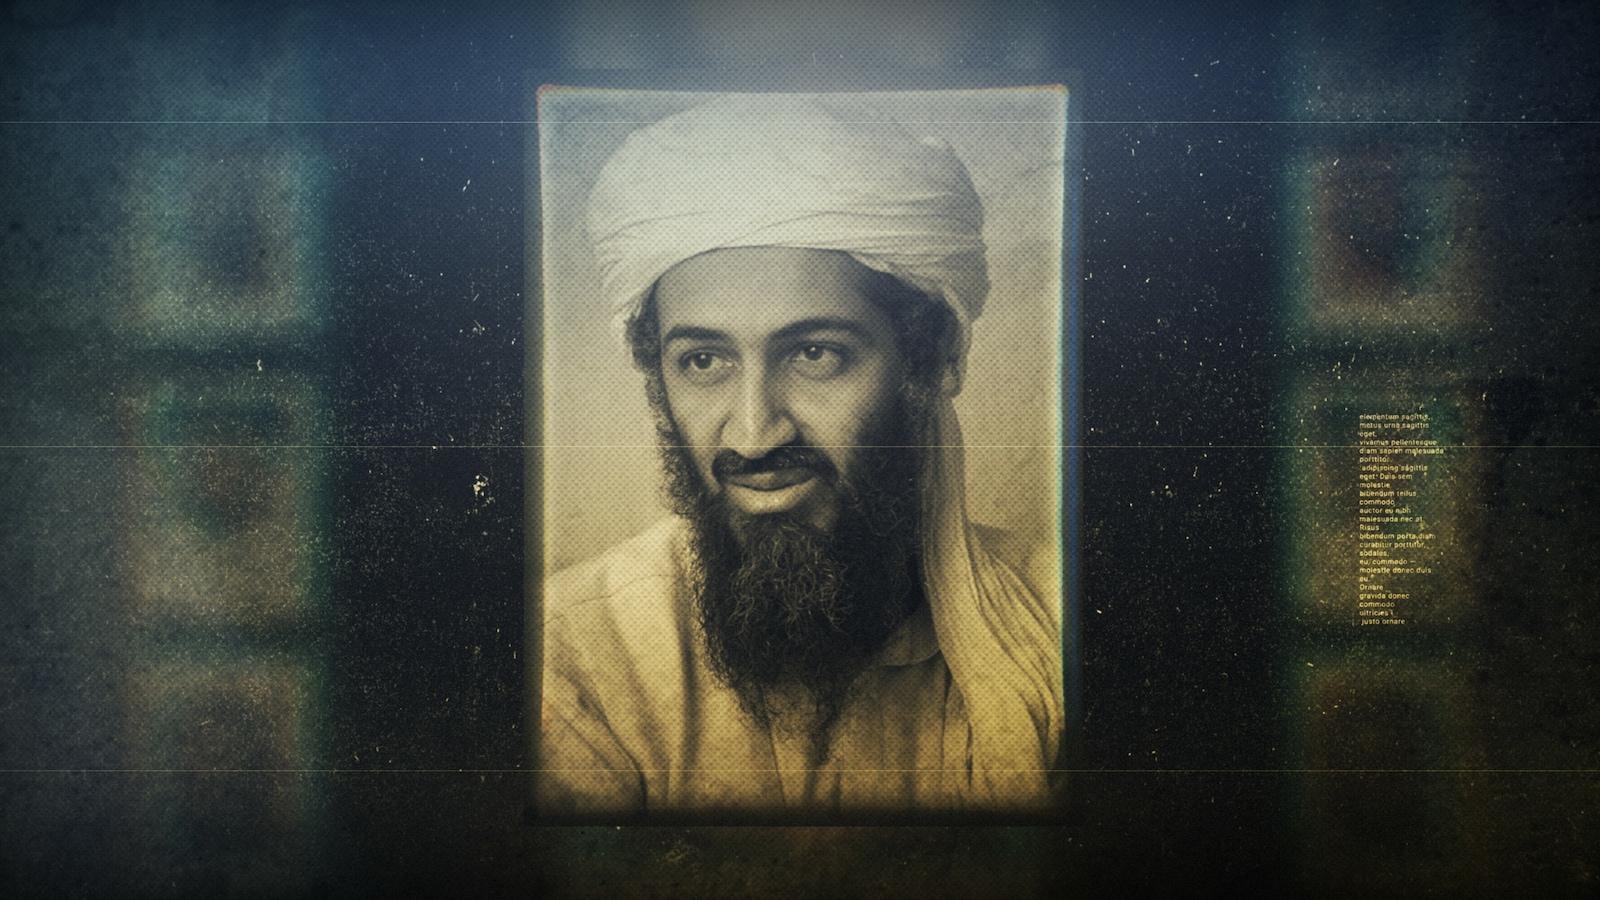 9/11: CIA vs. Bin Laden